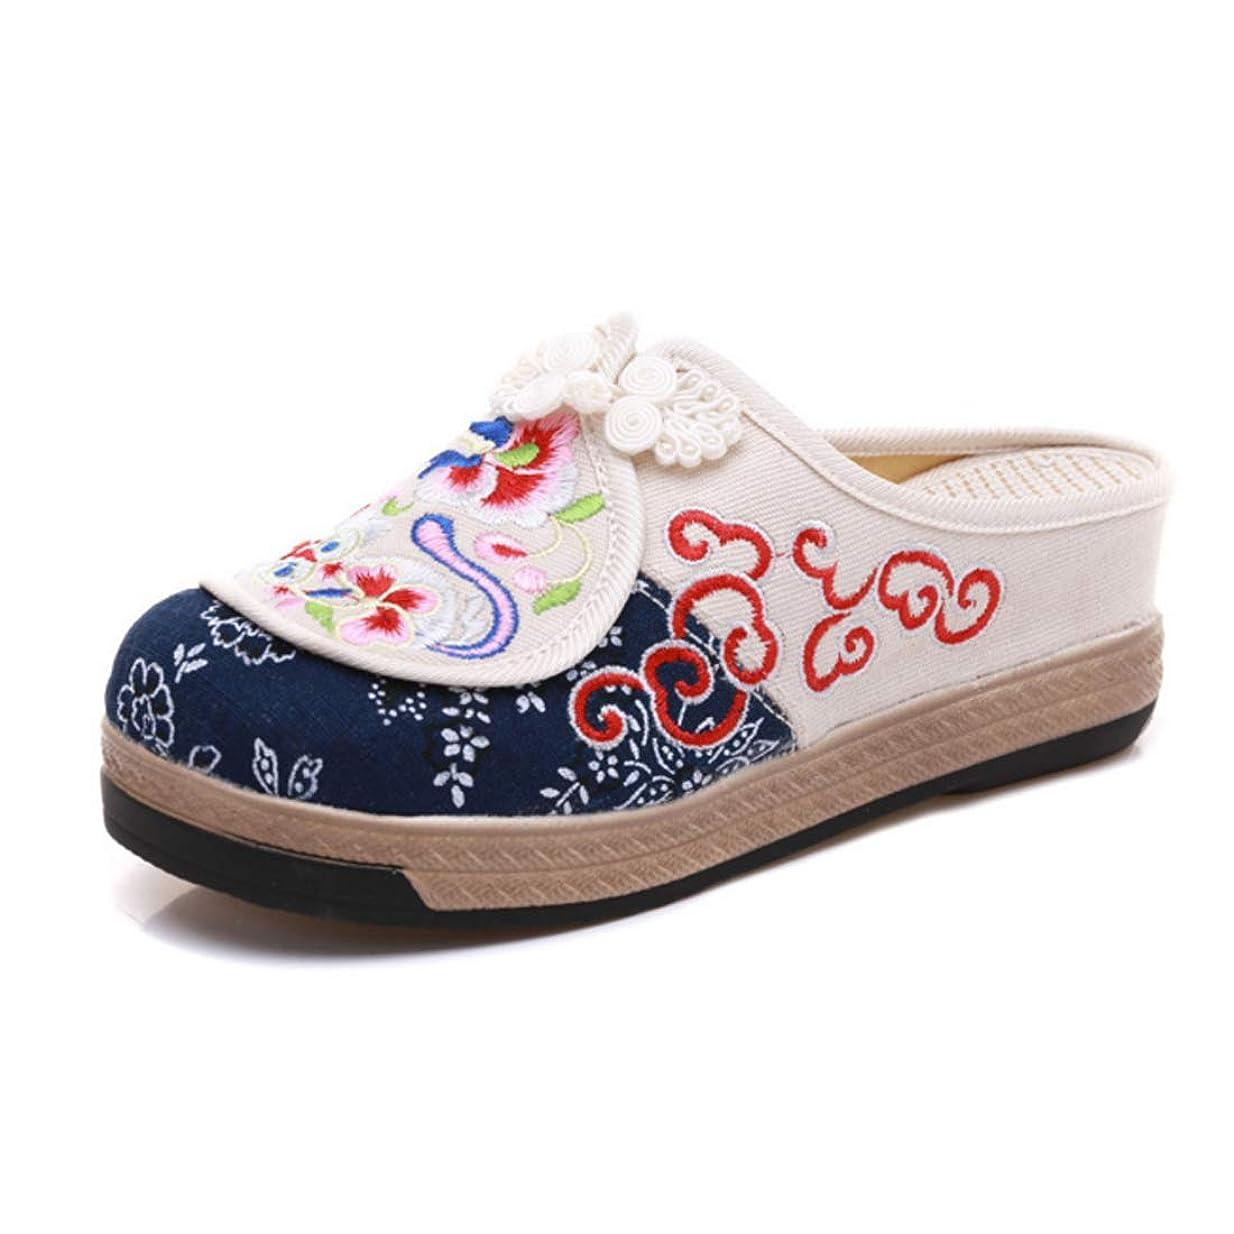 ご覧ください願望くそーAiweijia 刺繍入りシューズ 中華風 レトロ 刺繍 余暇 婦人向け 夏 シングルシューズ